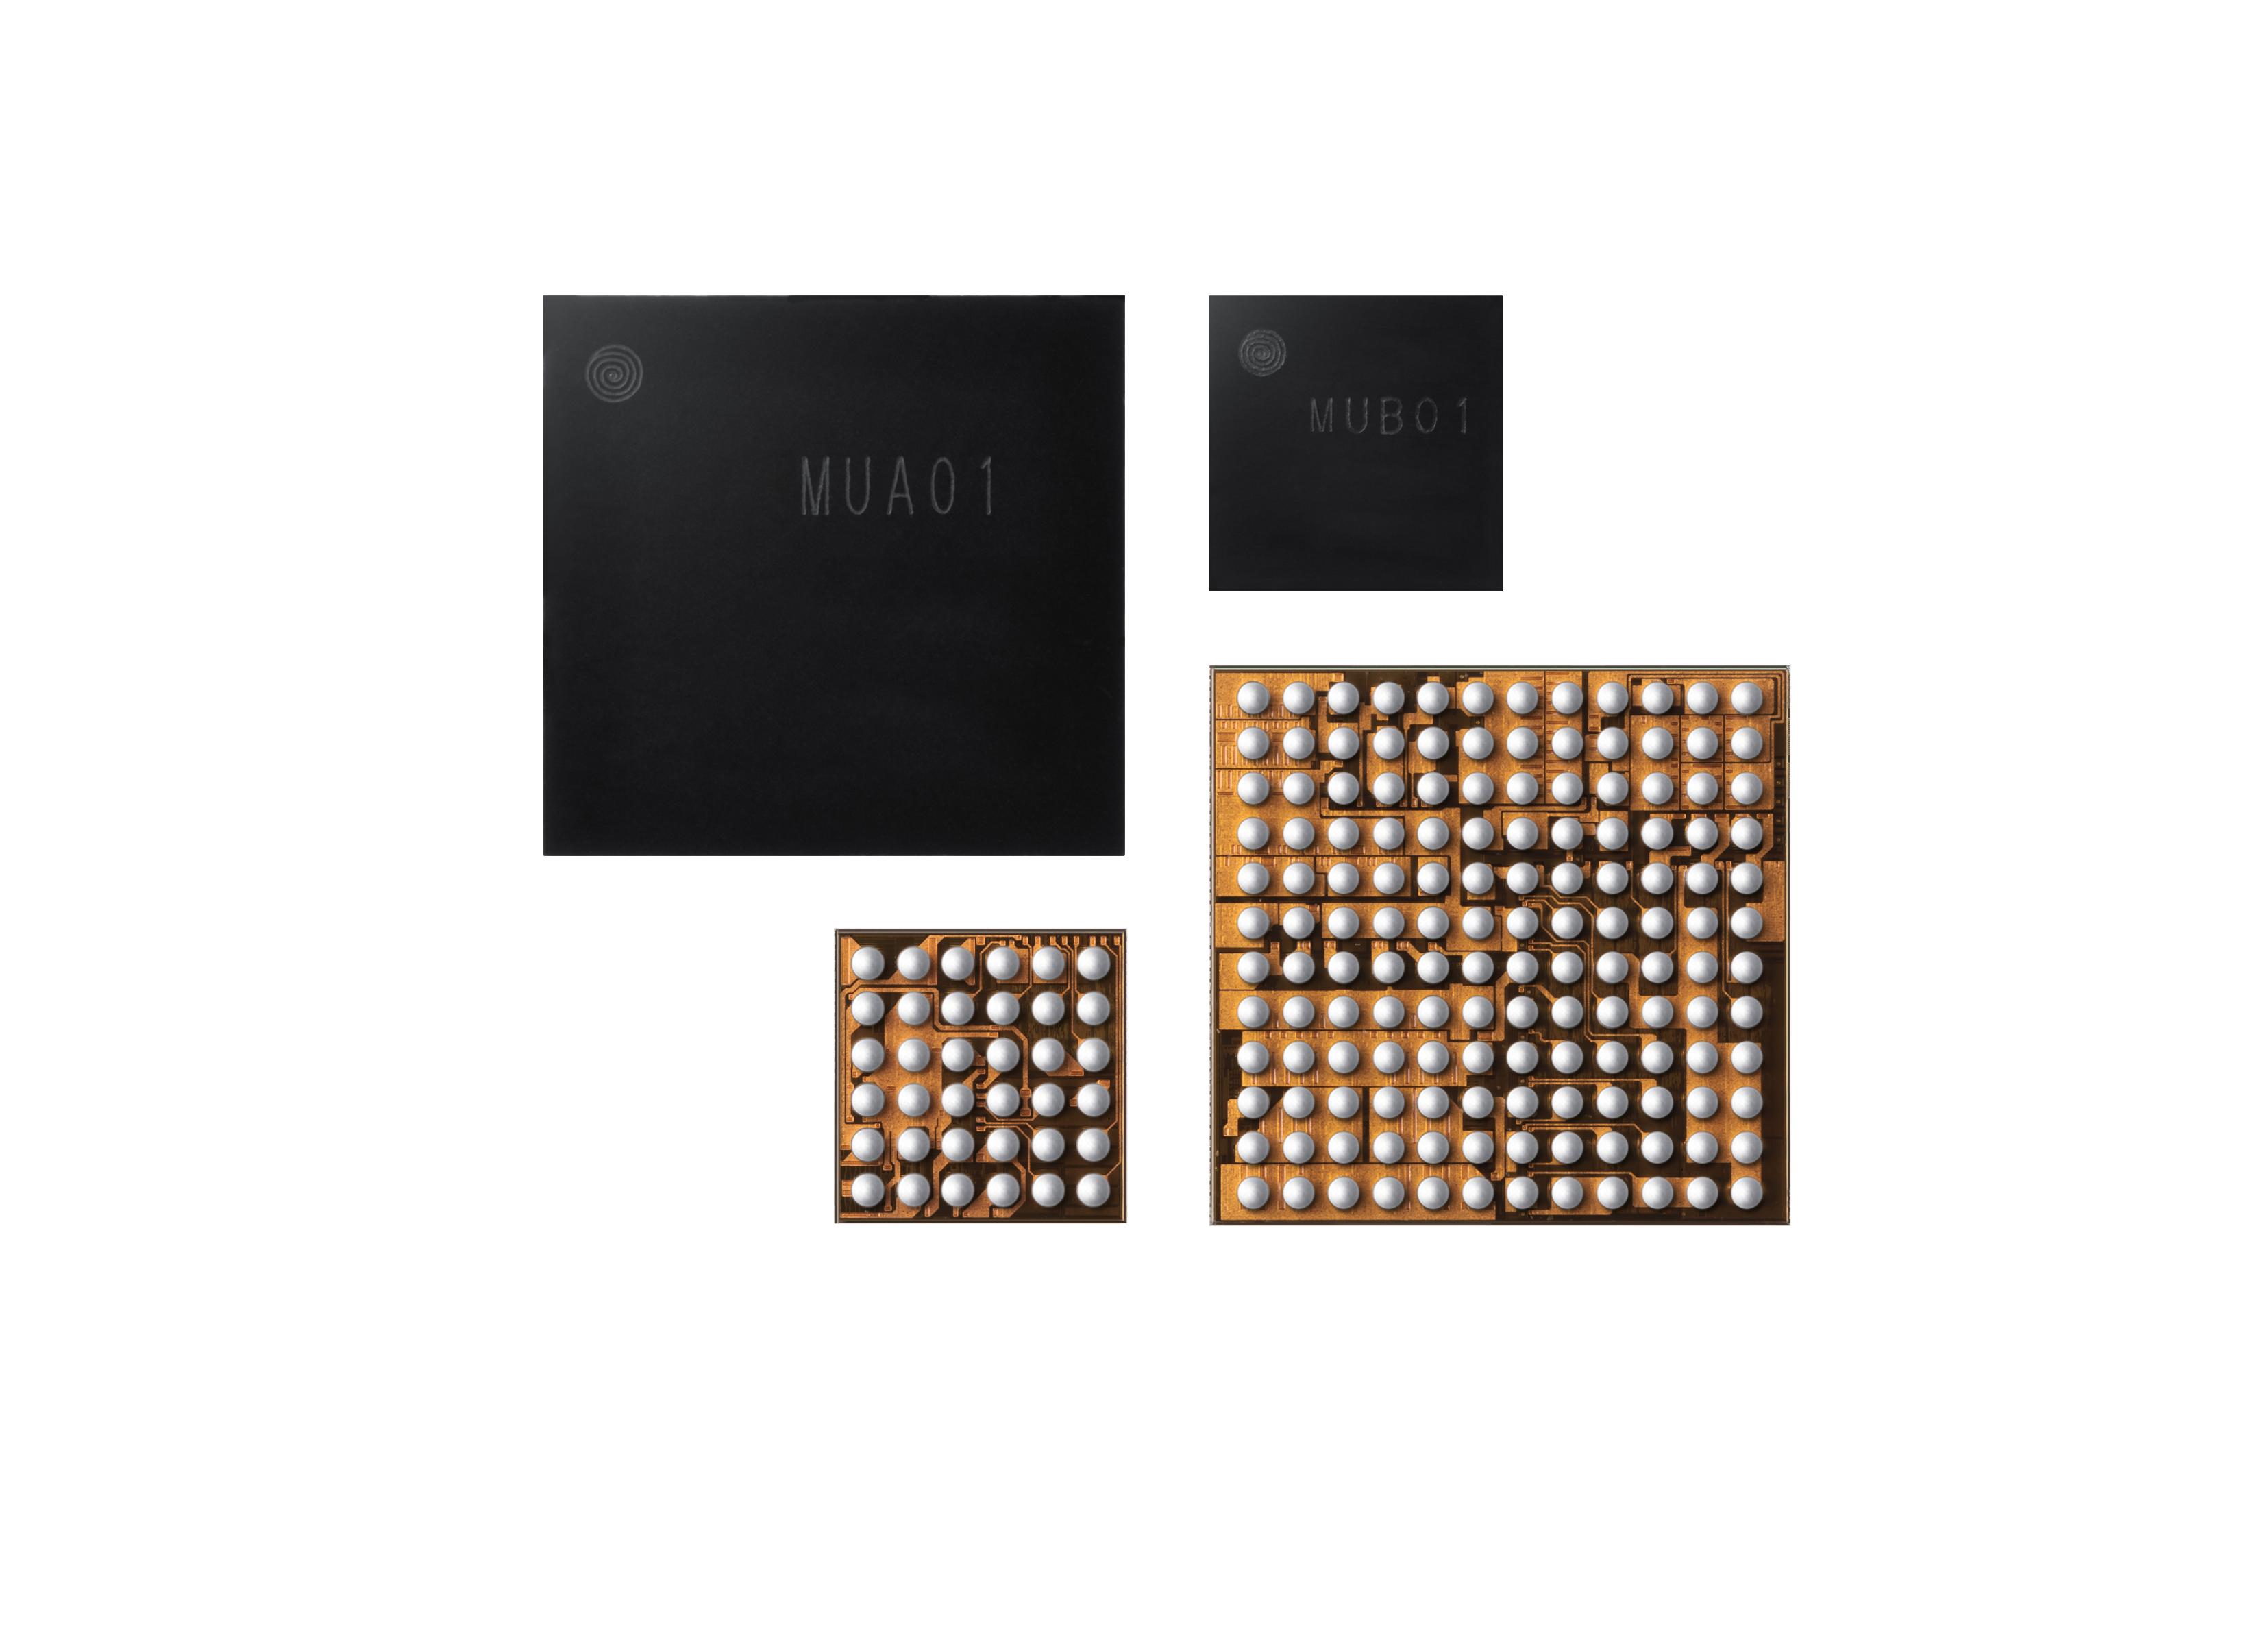 Samsung представляет первые в отрасли чипы, оптимизированные для работы в полностью беспроводных наушниках